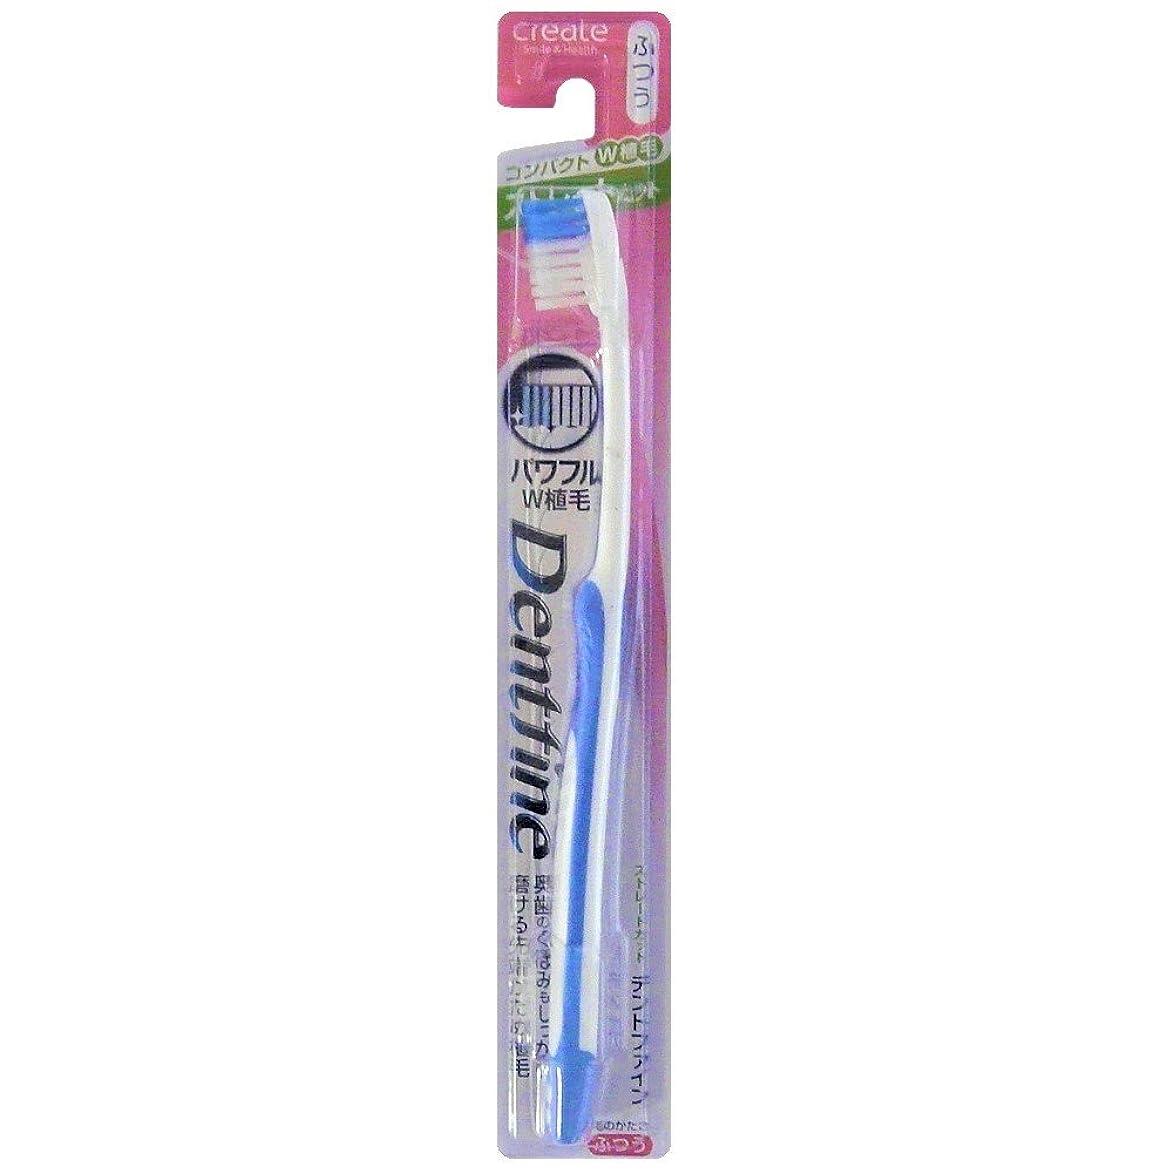 マイナー一般的な人工デントファイン ラバーグリップ ストレートカット 歯ブラシ ふつう 1本:ブルー